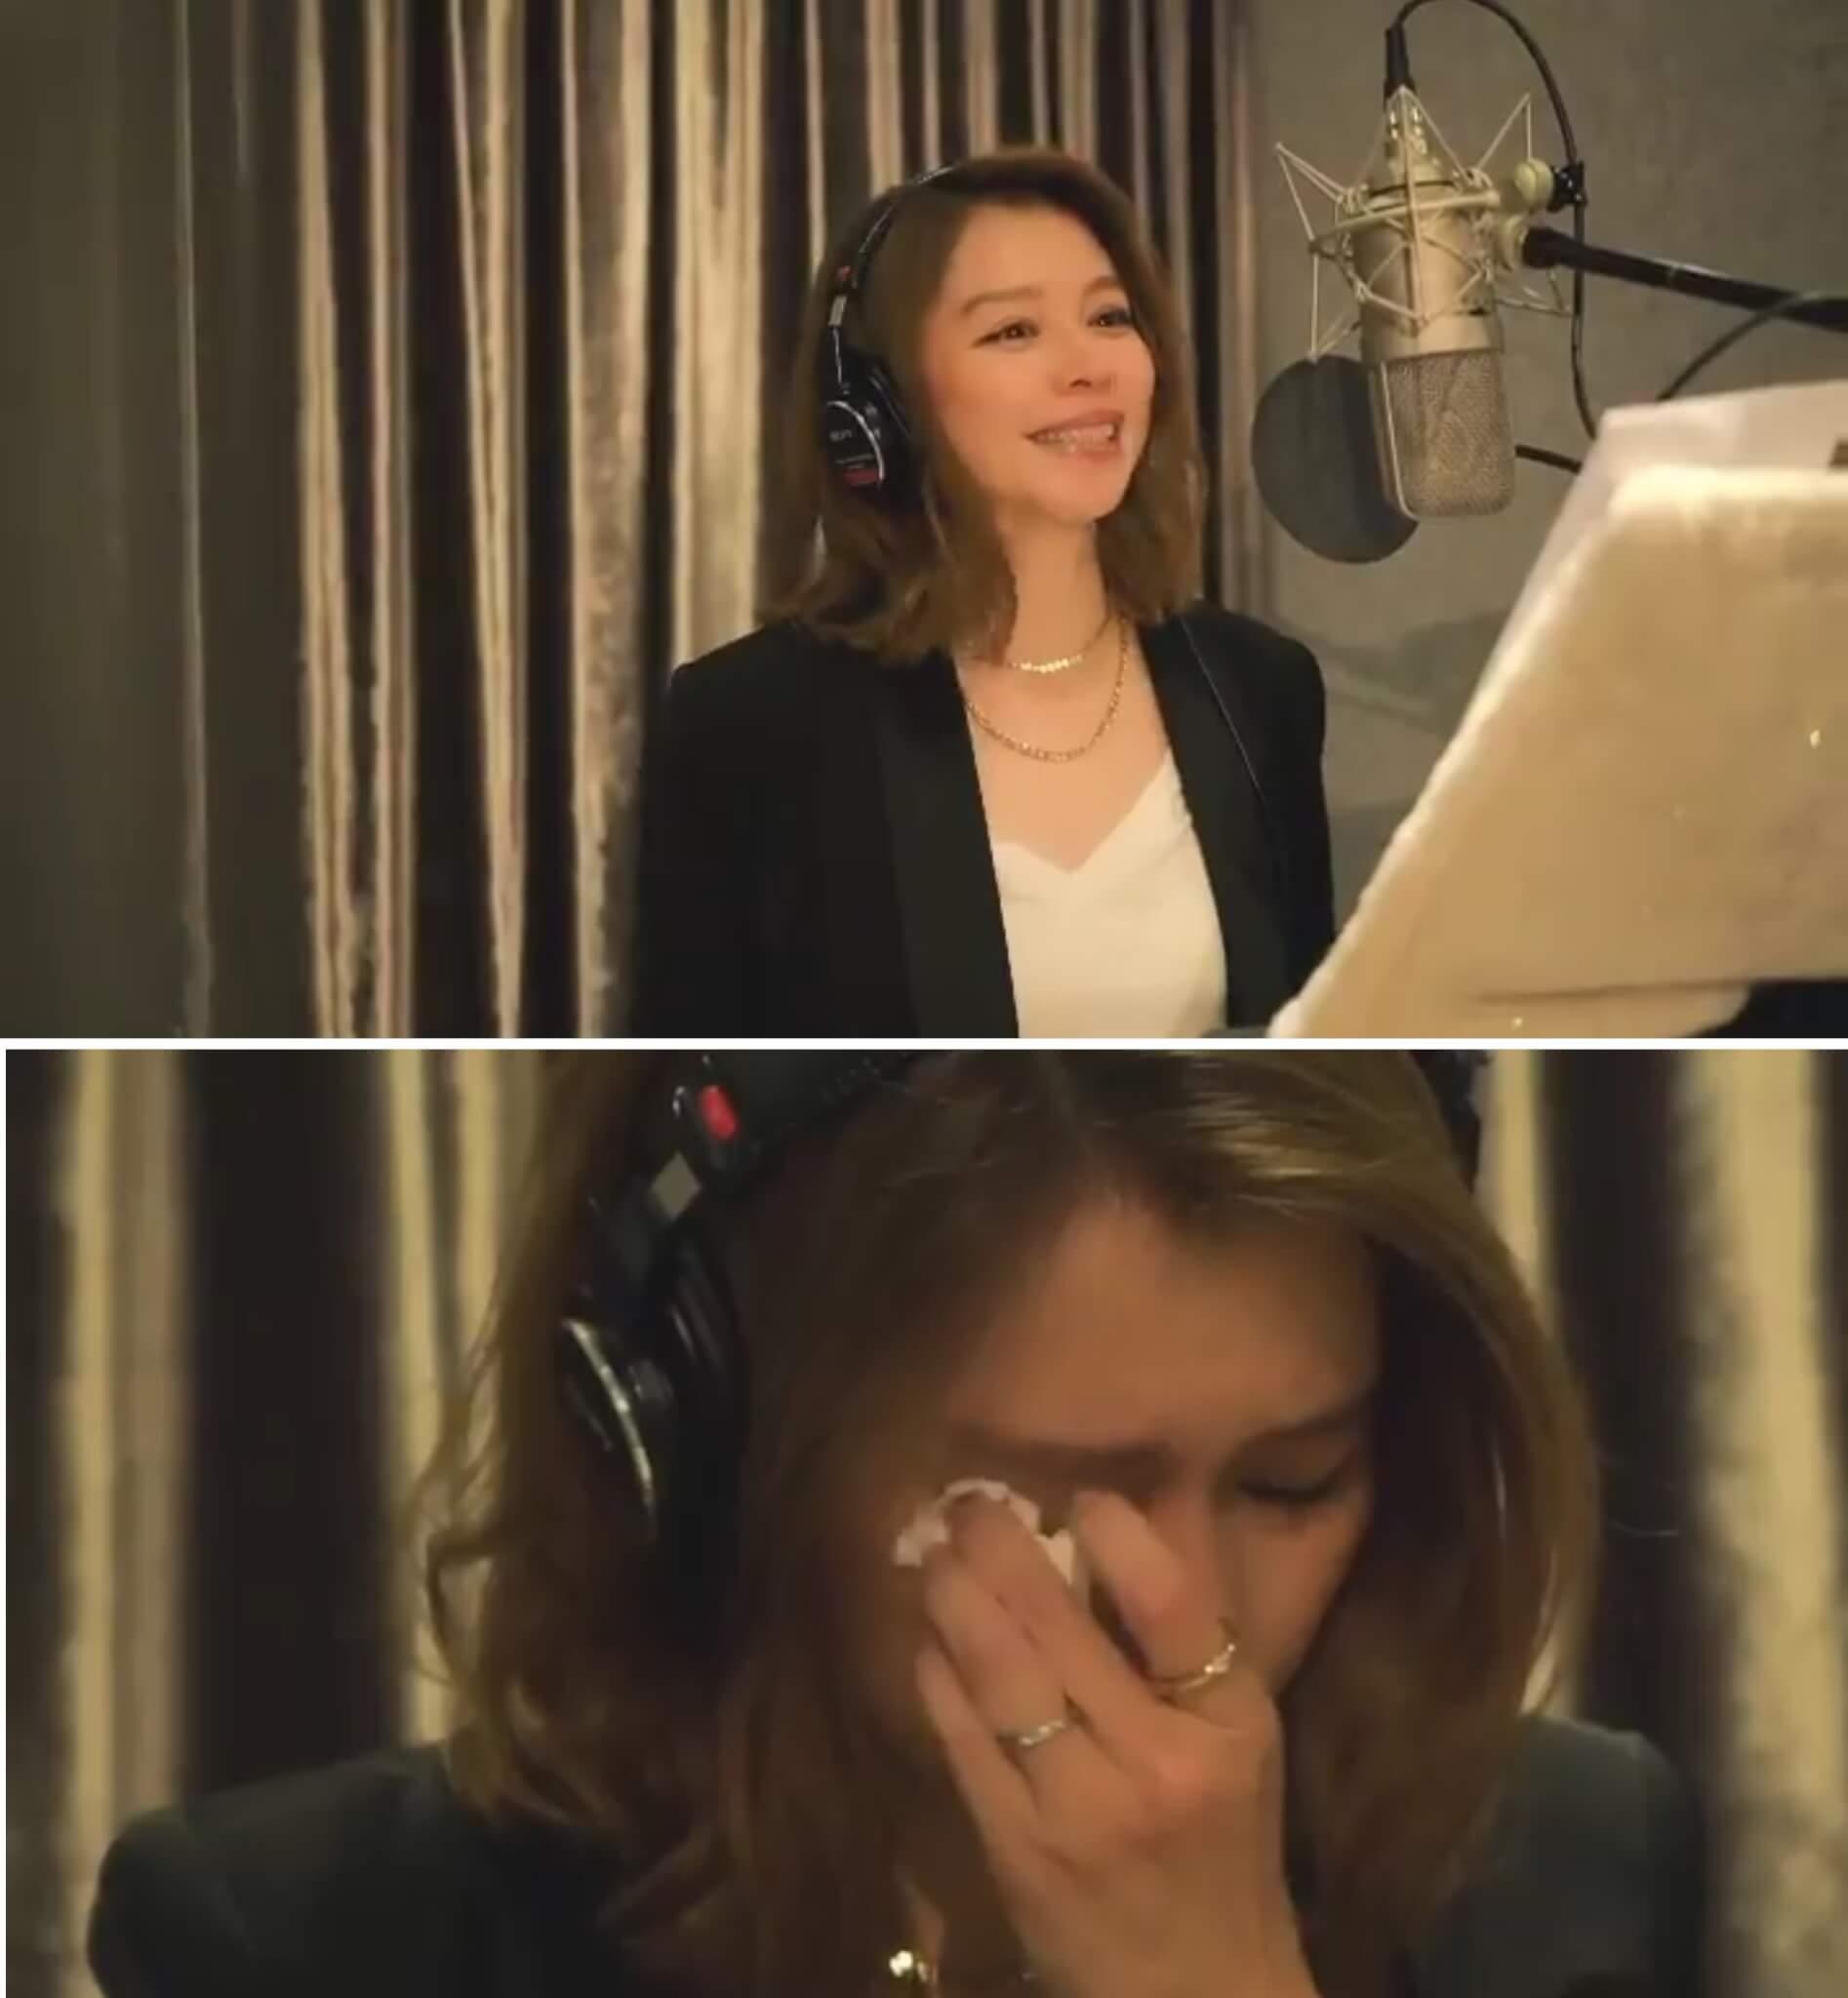 新歌滿載回憶,徐若瑄時而會心微笑,時而難過流淚。